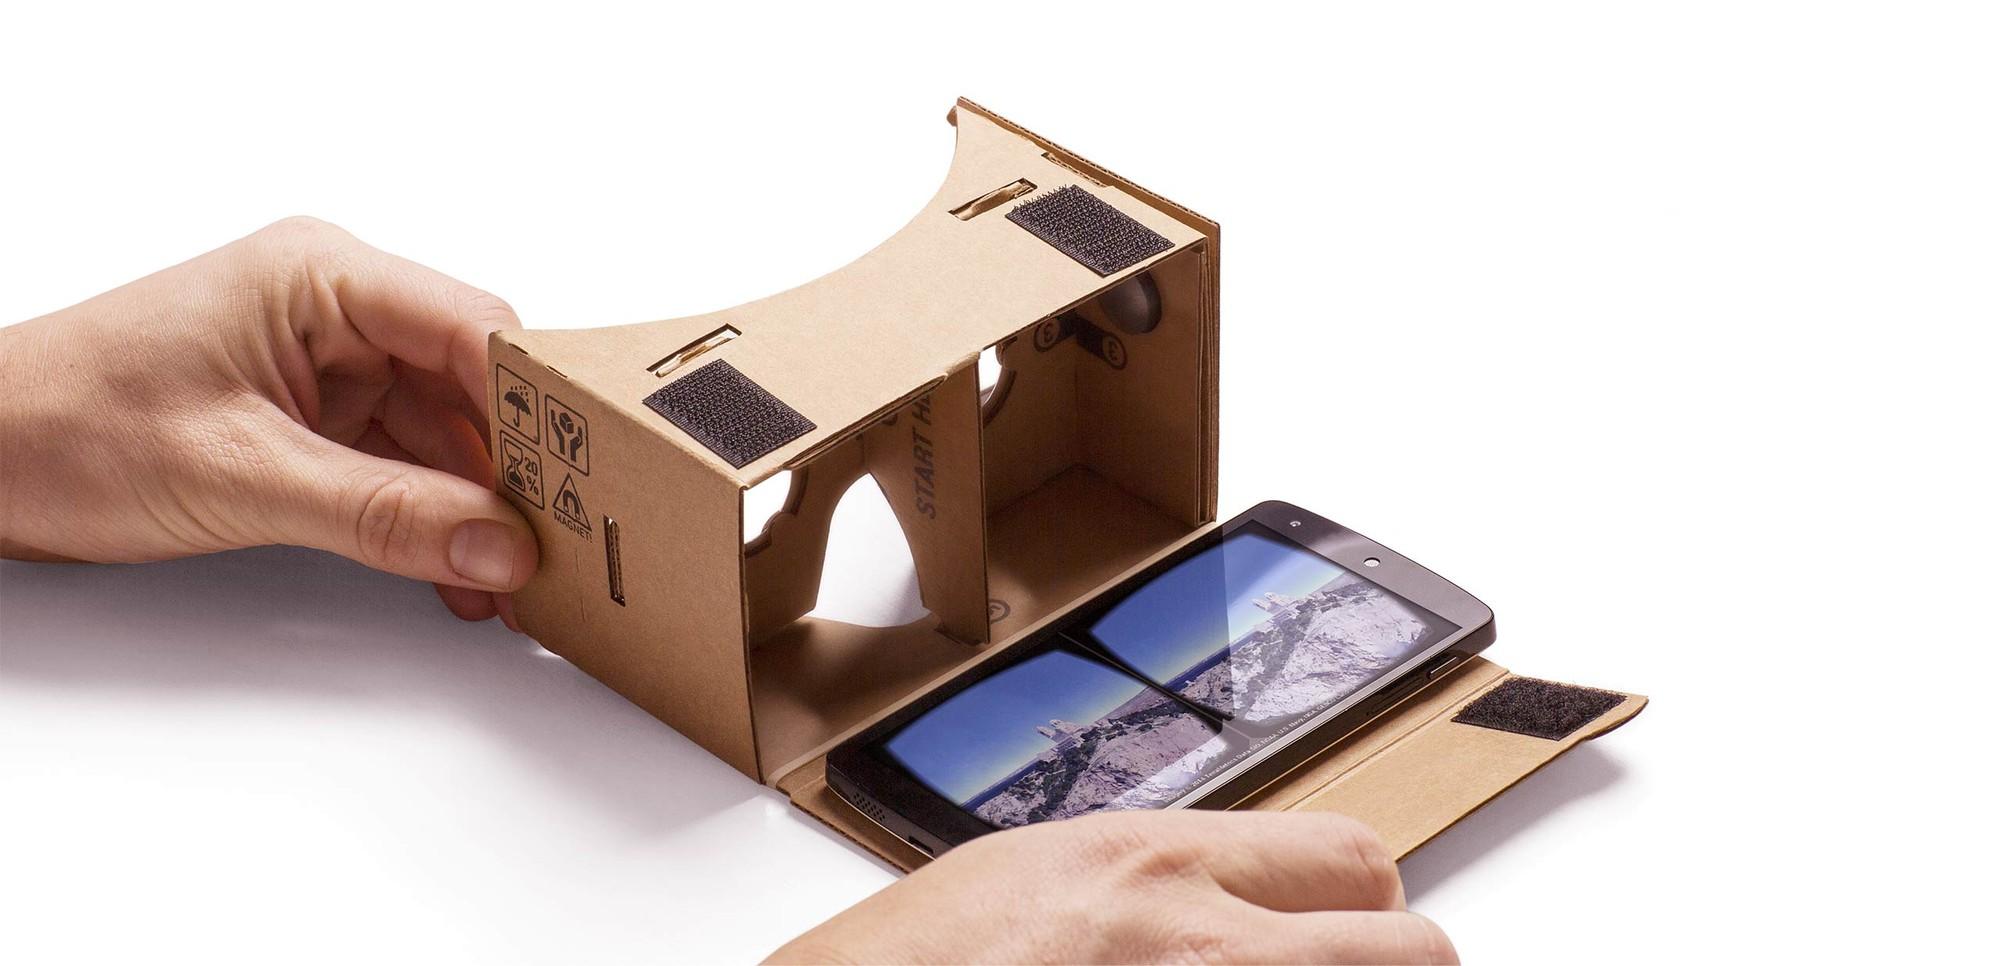 ¿Quieres un set de realidad virtual? Hazte uno (por casi nada) con Google Cardboard